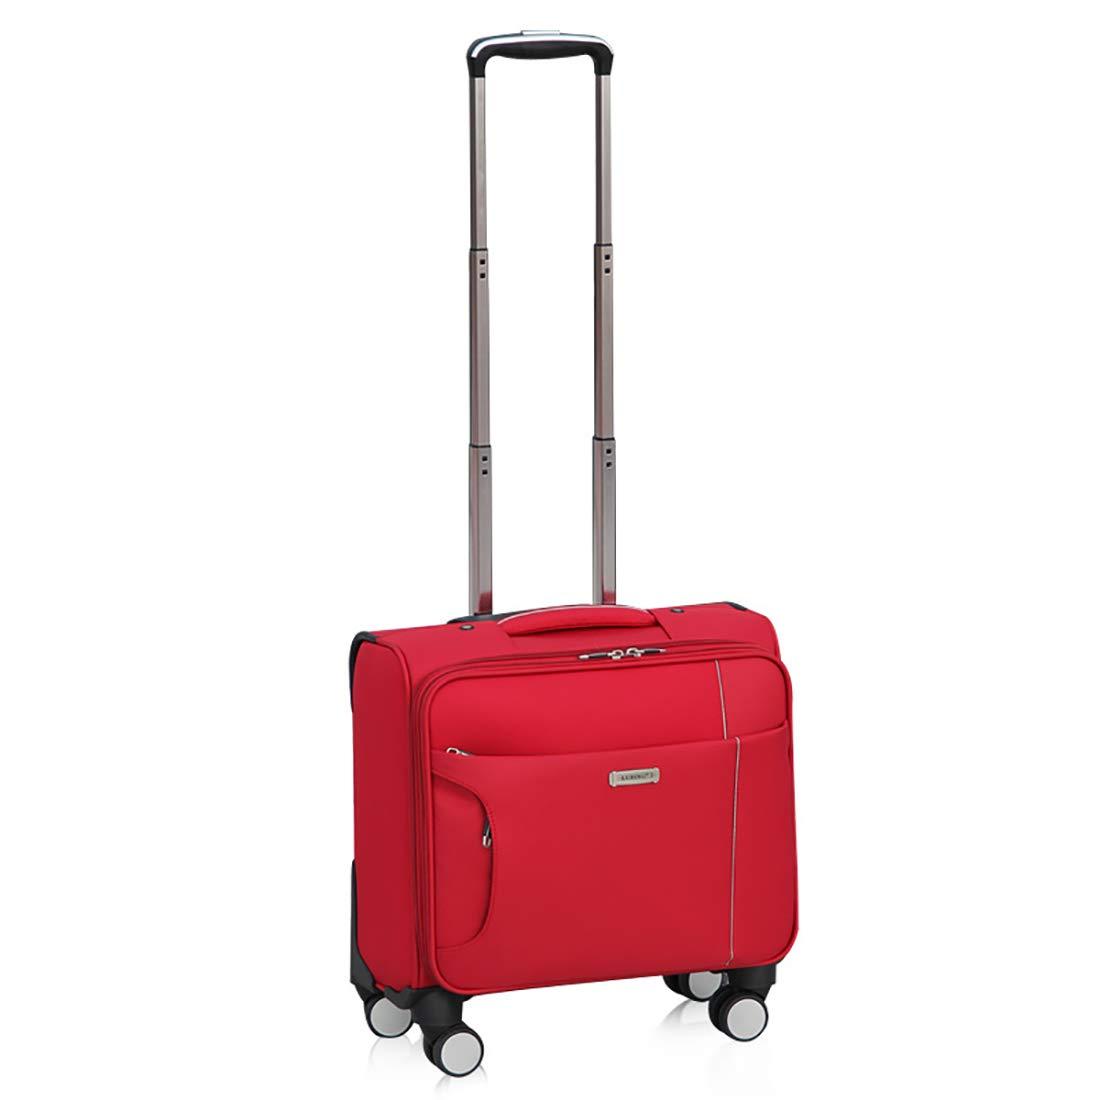 スタイリッシュな荷物、超軽量ビジネスシャーシに乗る、ユニバーサルホイールミニスーツケース (色 : 赤)   B07GRRMFZ2